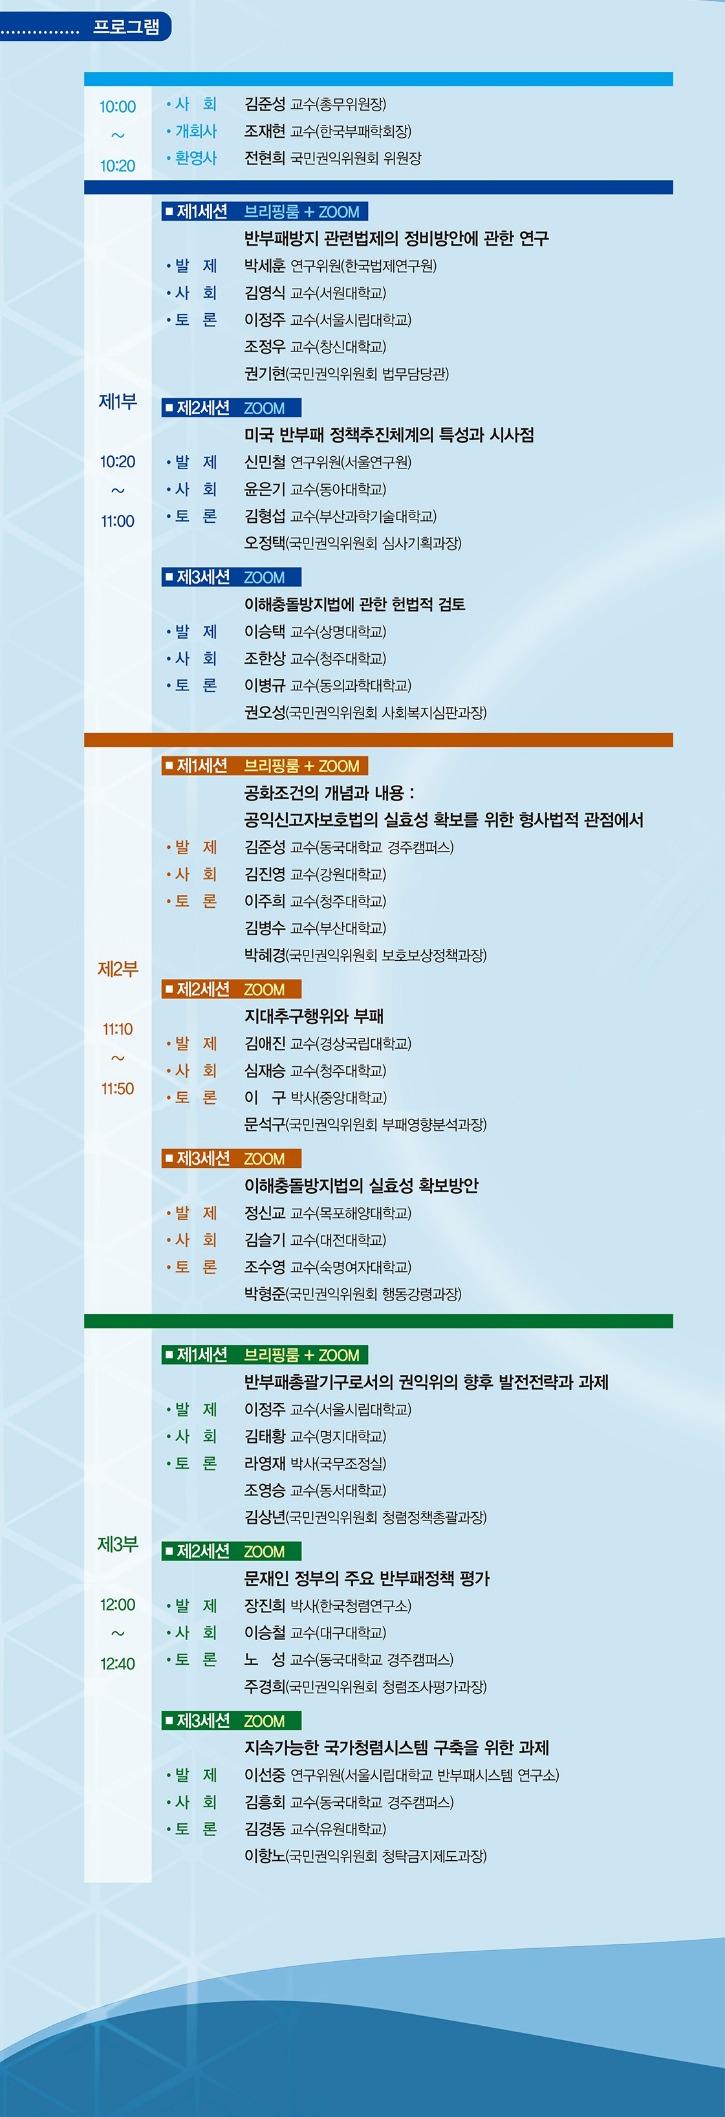 국민권익위원회‧한국부패학회 초청장_3.jpg